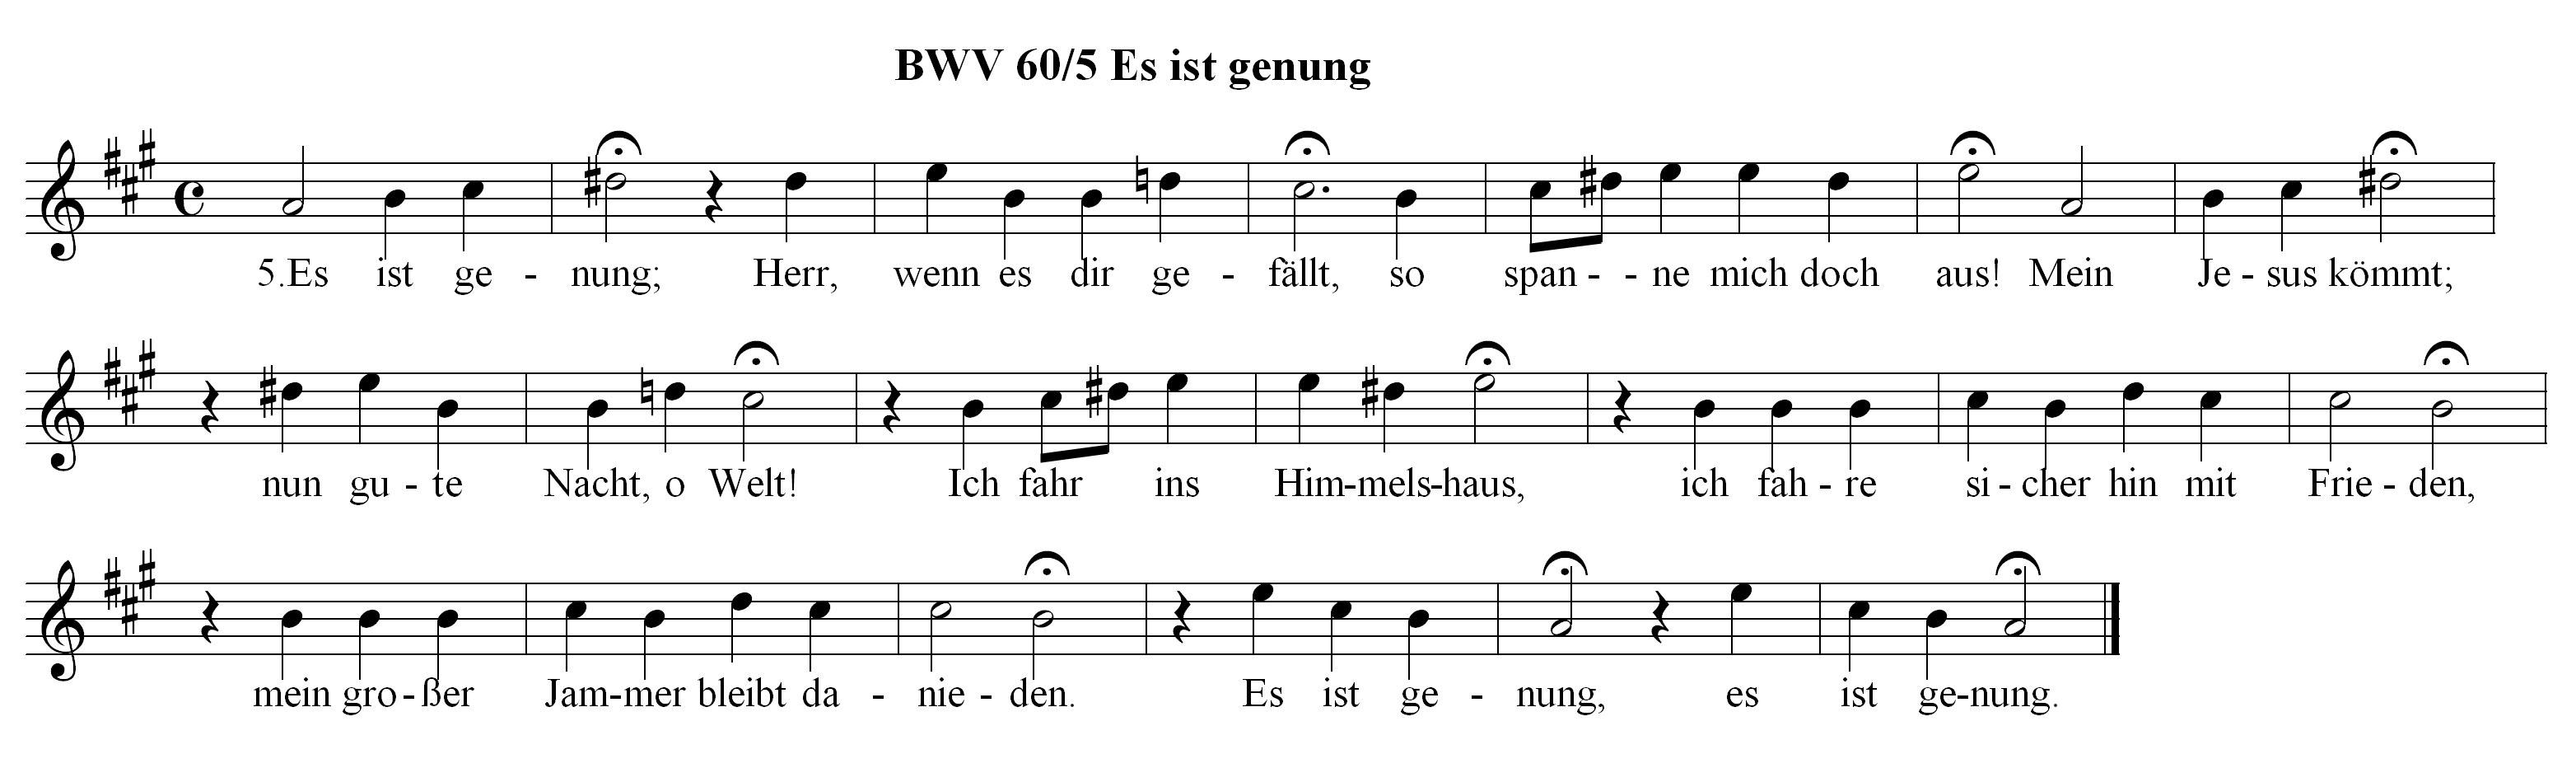 Choral bach pdf